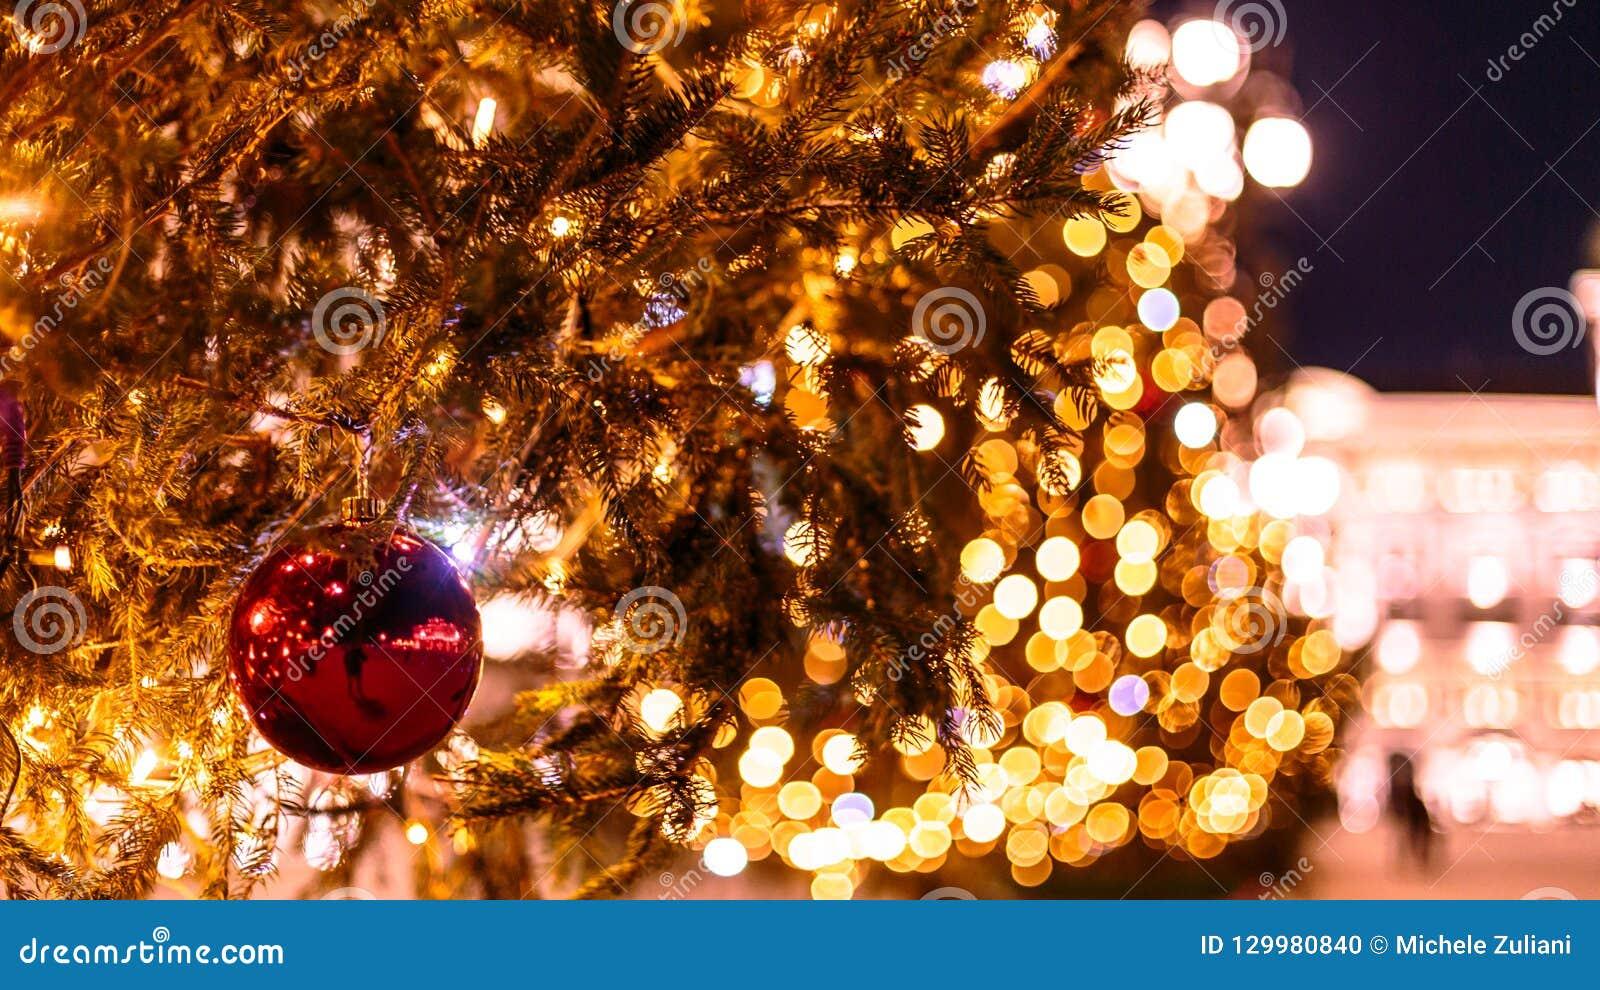 Trieste Natale Immagini.Palla Di Natale Nel Quadrato Di Trieste Fotografia Stock Immagine